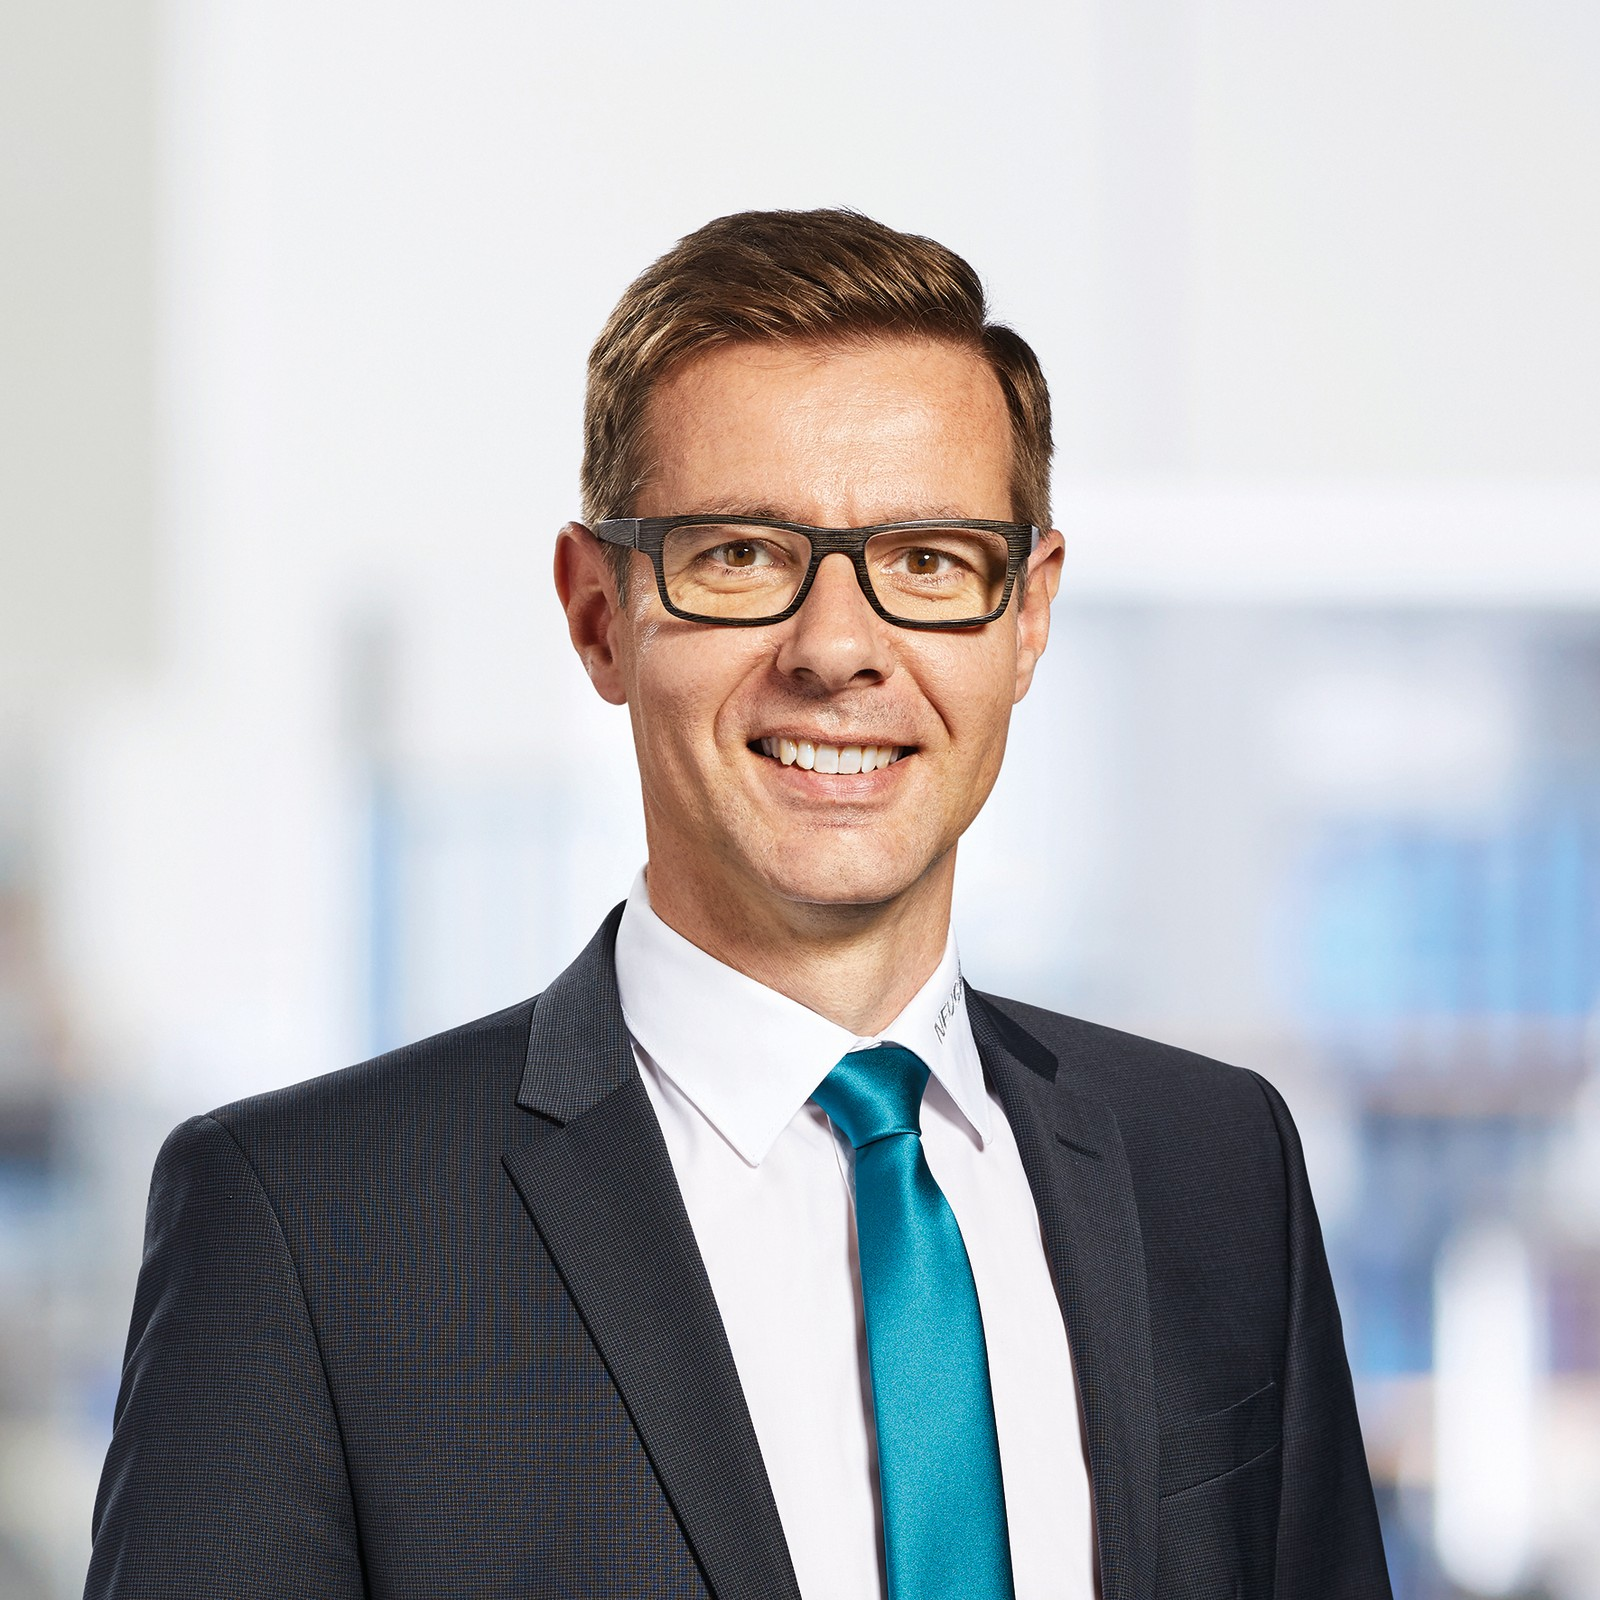 Holger Obergföll wird neuer Geschäftsleiter (COO) Supply Chain beim Getriebespezialist Neugart GmbH mit Stammsitz im südbadischen Kippenheim.